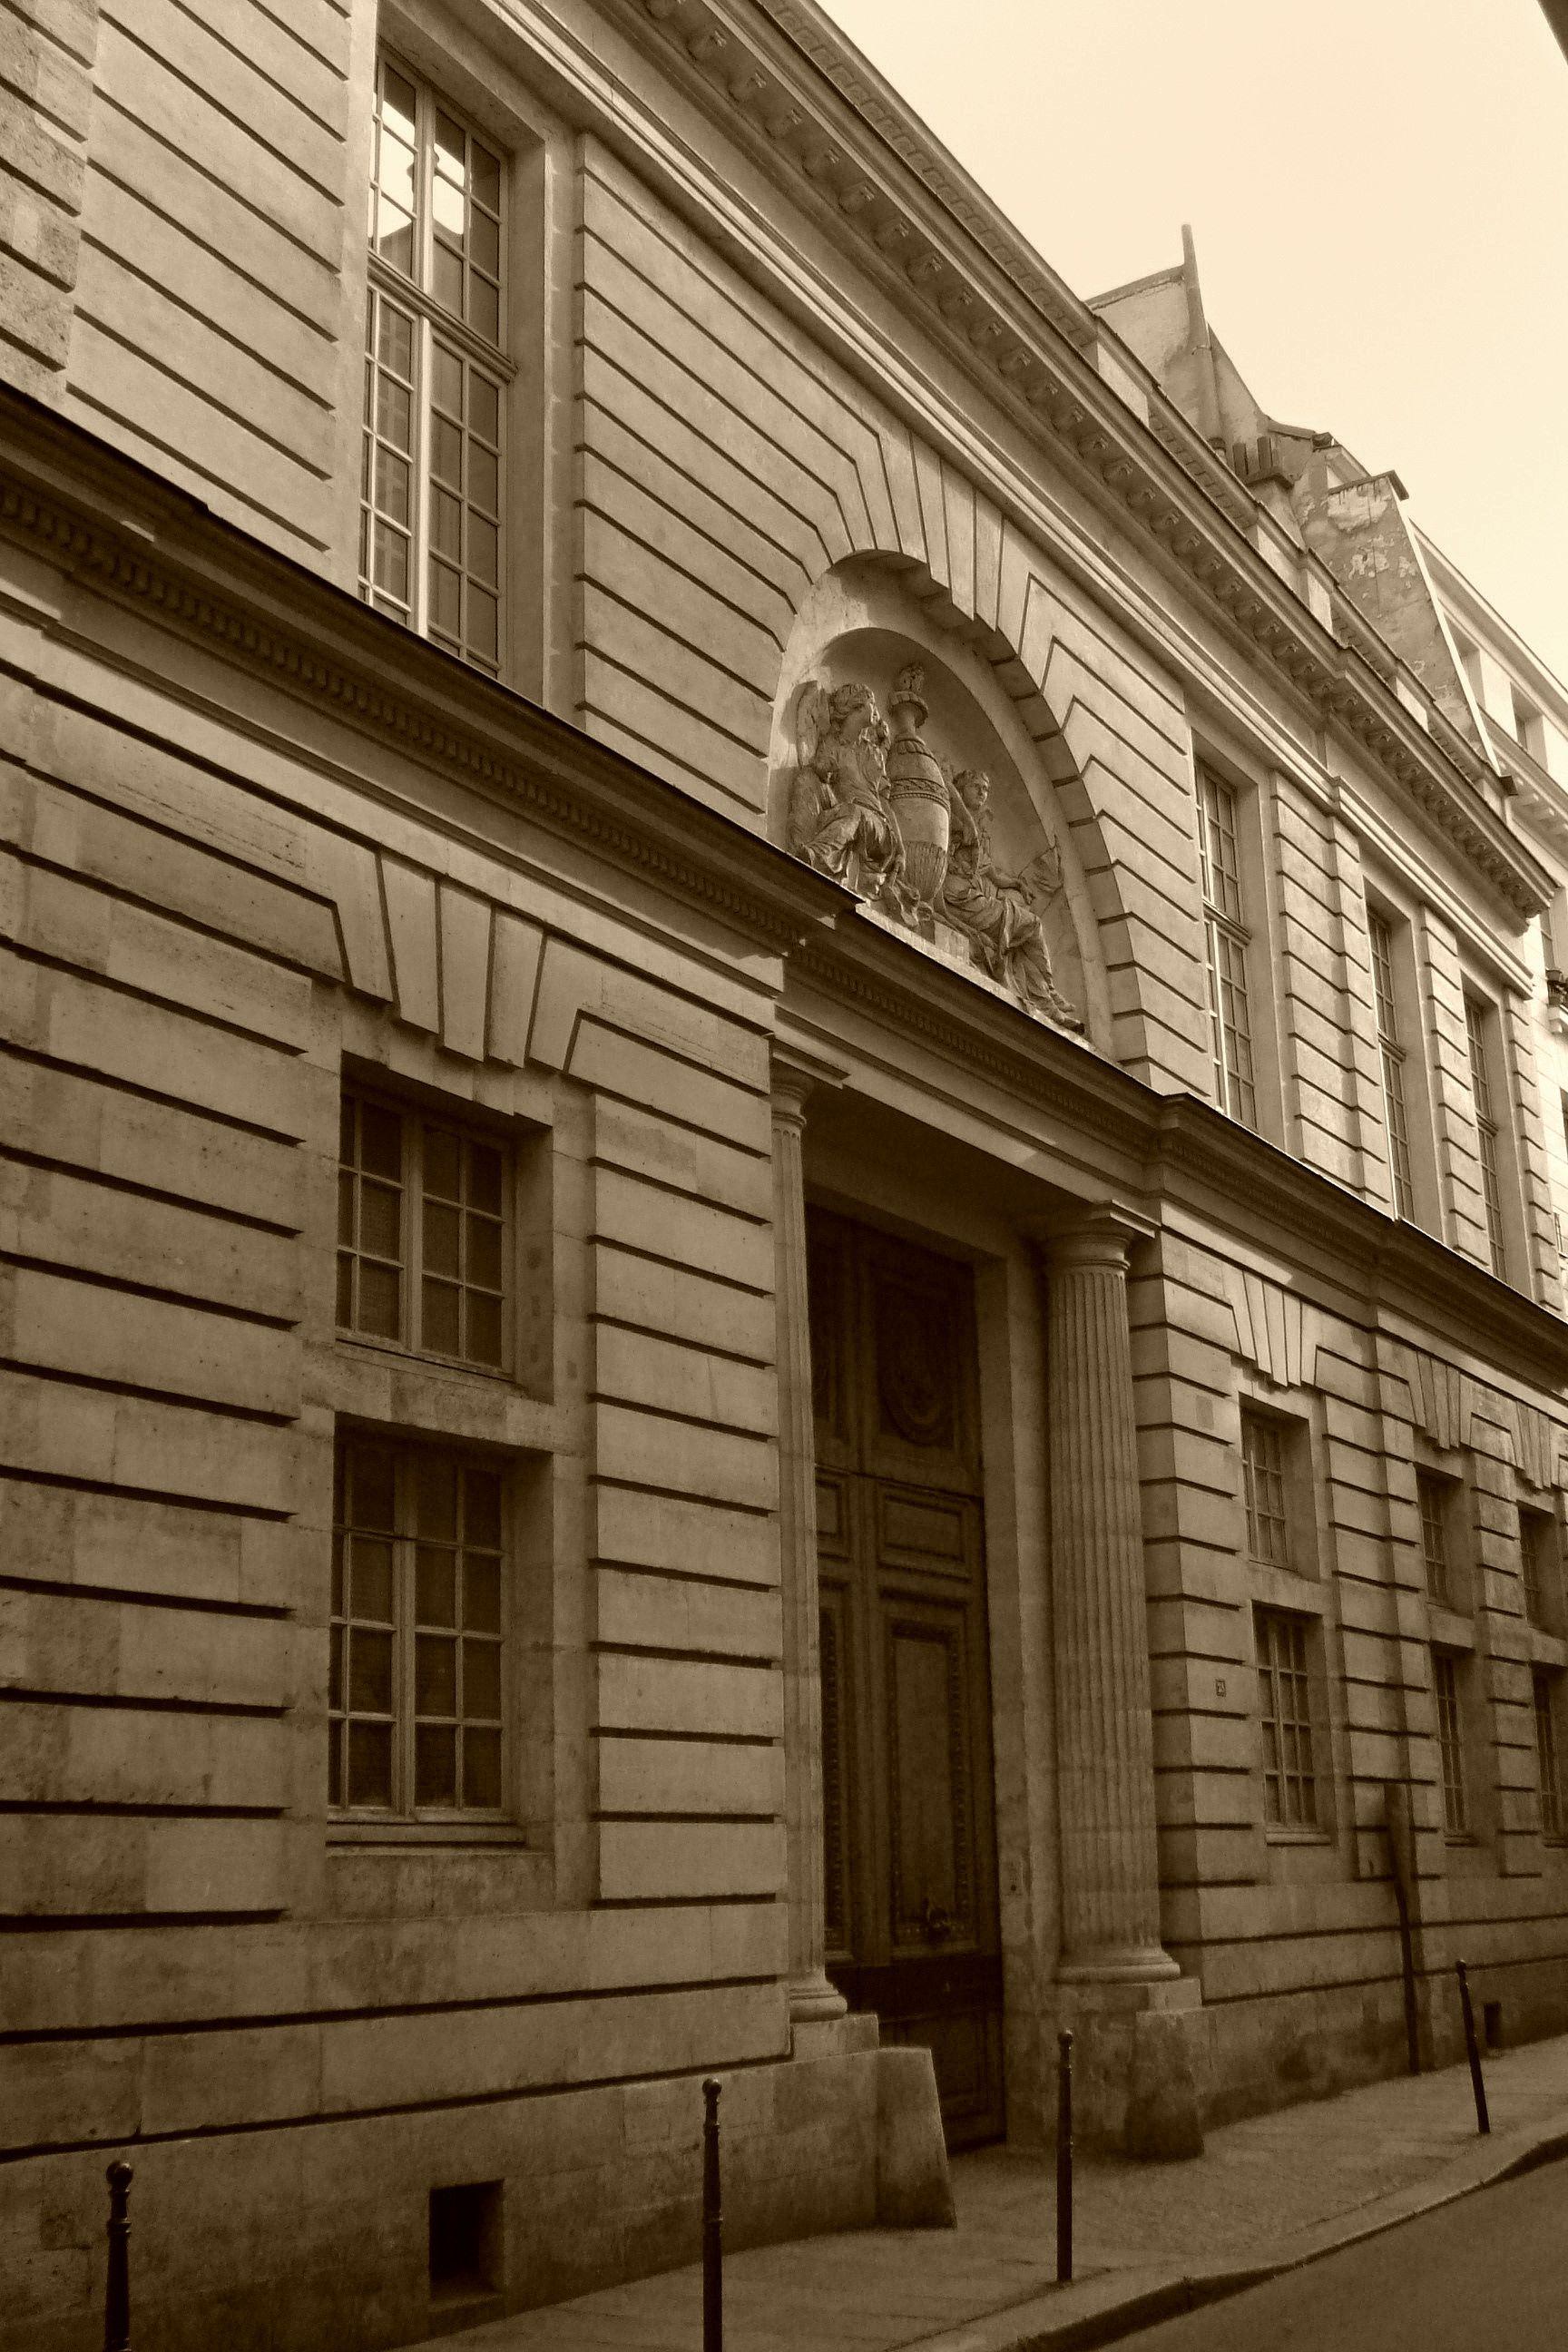 H´tel d Hallwyl by Ledoux 1766 rue Michel le te 28 Paris